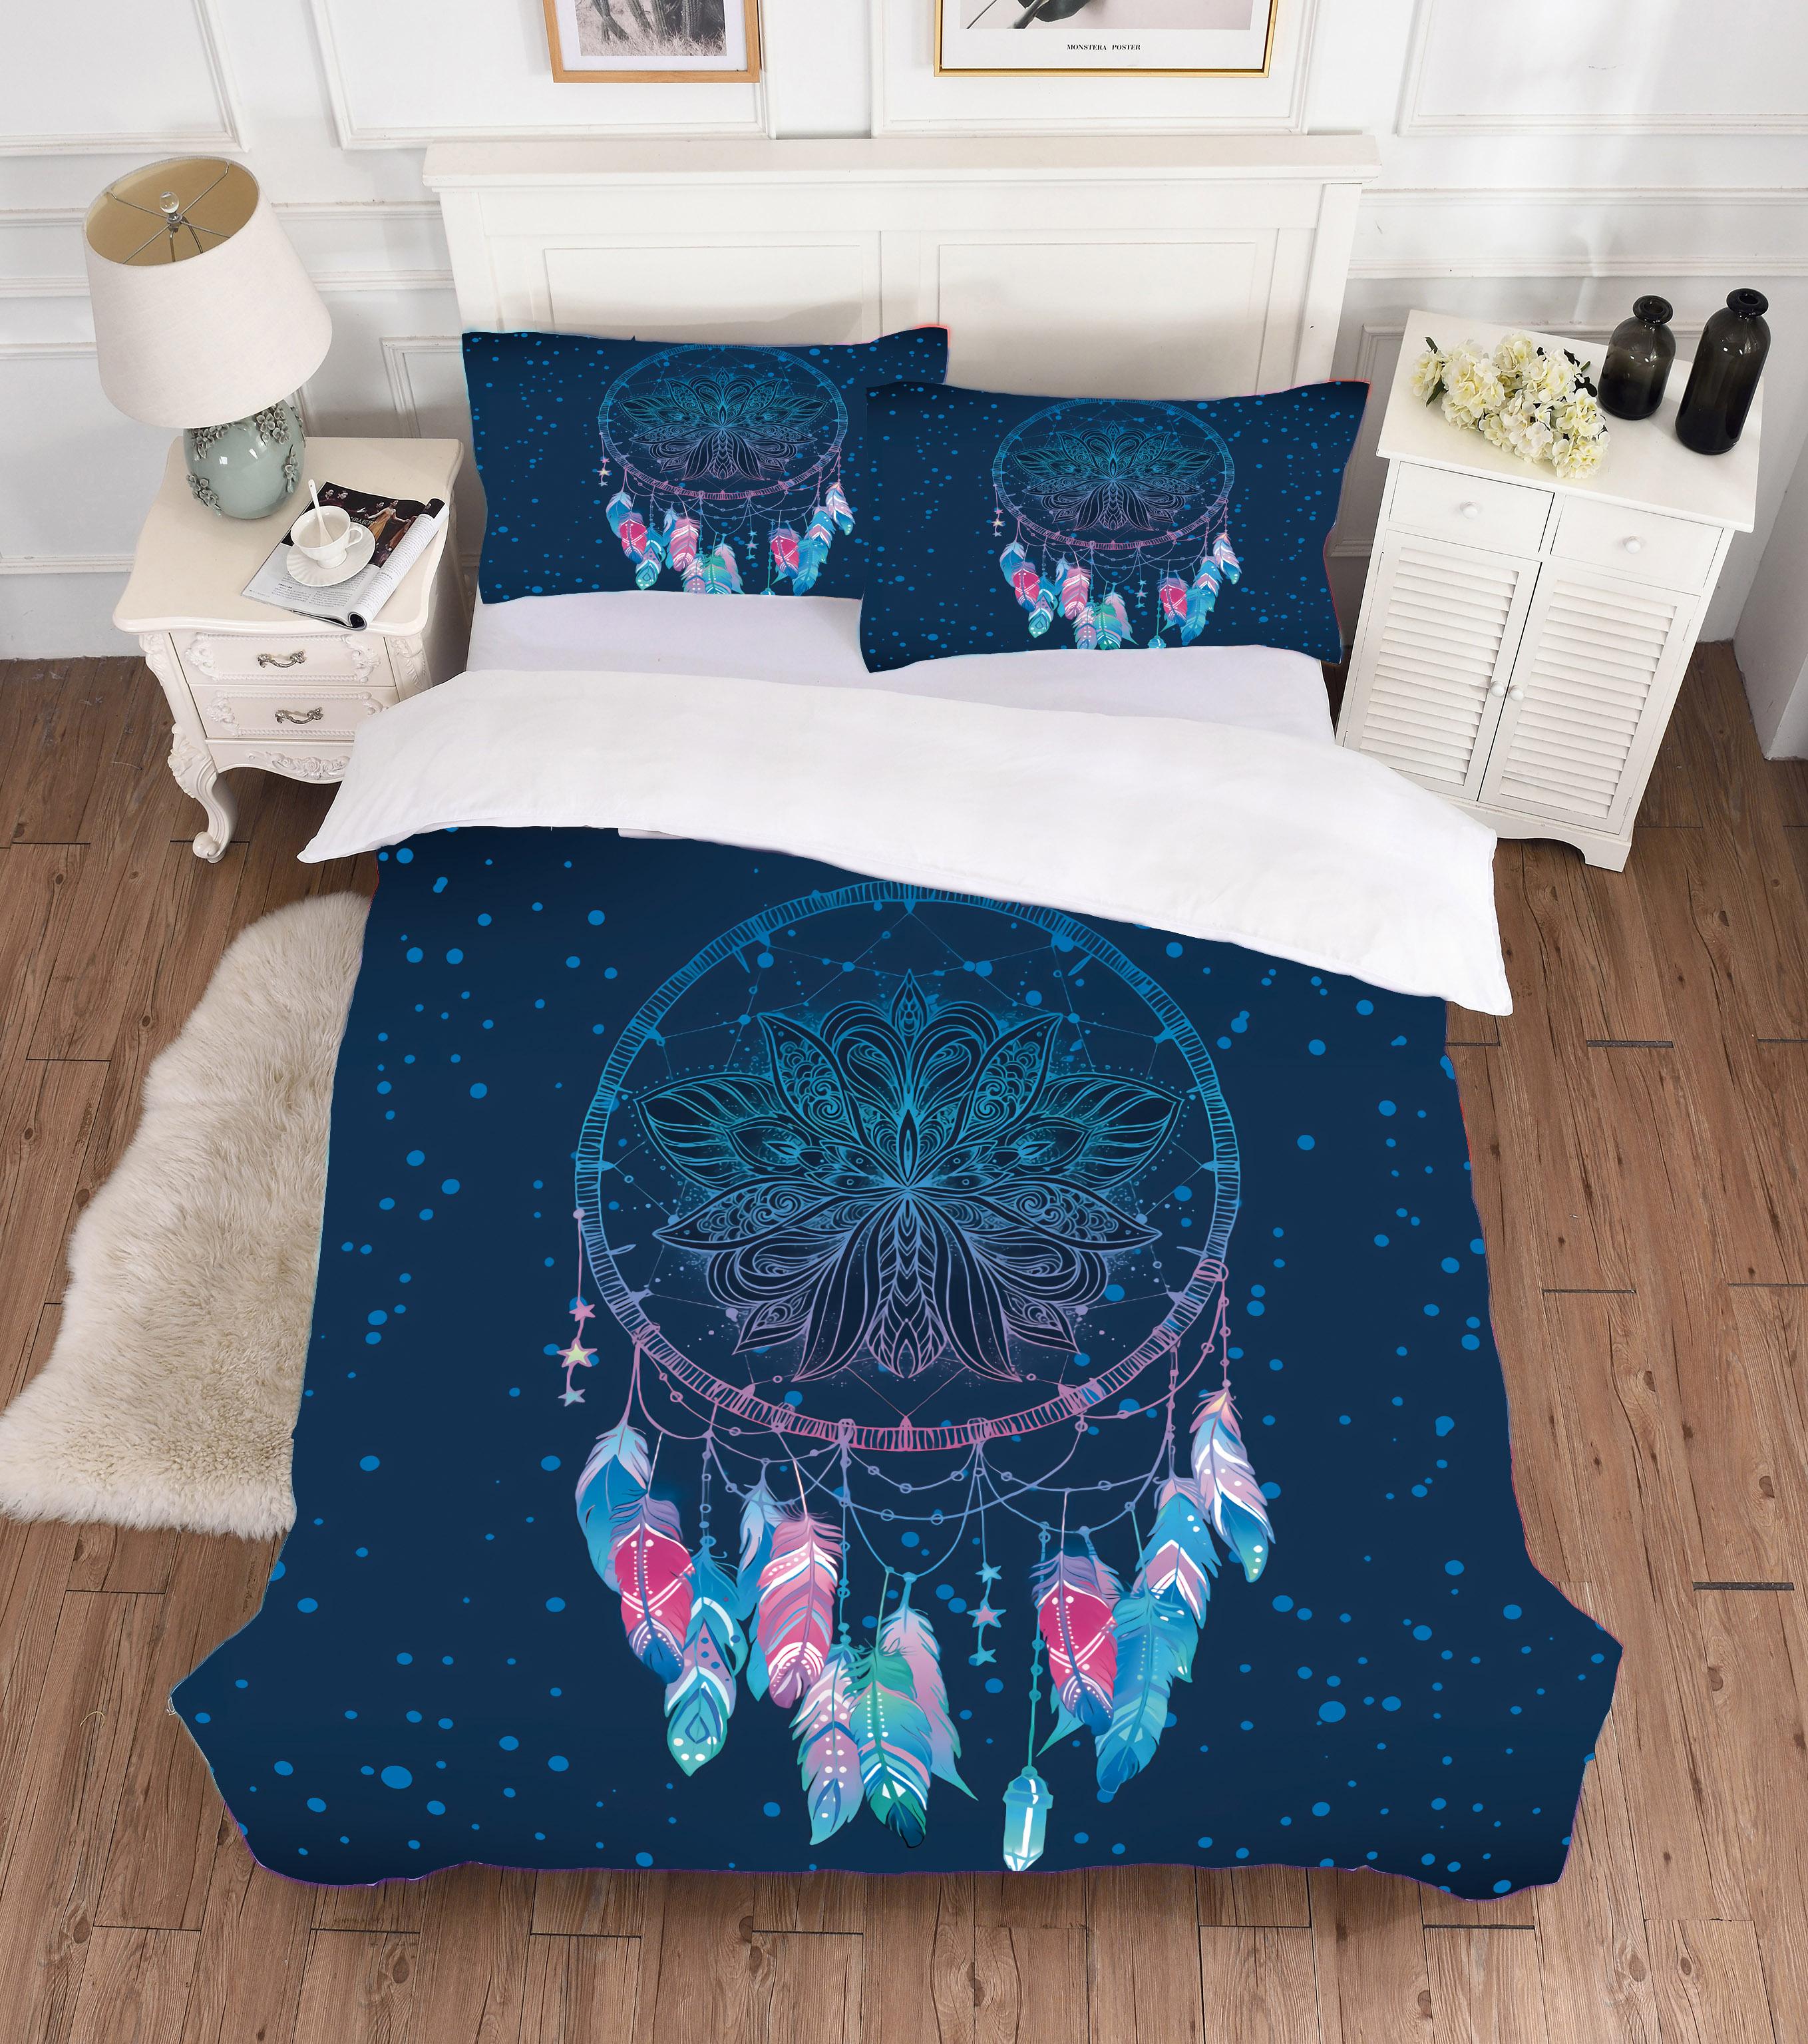 Комплект постельного белья с 3D принтом, Комплект постельного белья разных стилей, пододеяльник, одеяло, новый комплект постельного белья, х... комплект постельного белья ecotex марлен